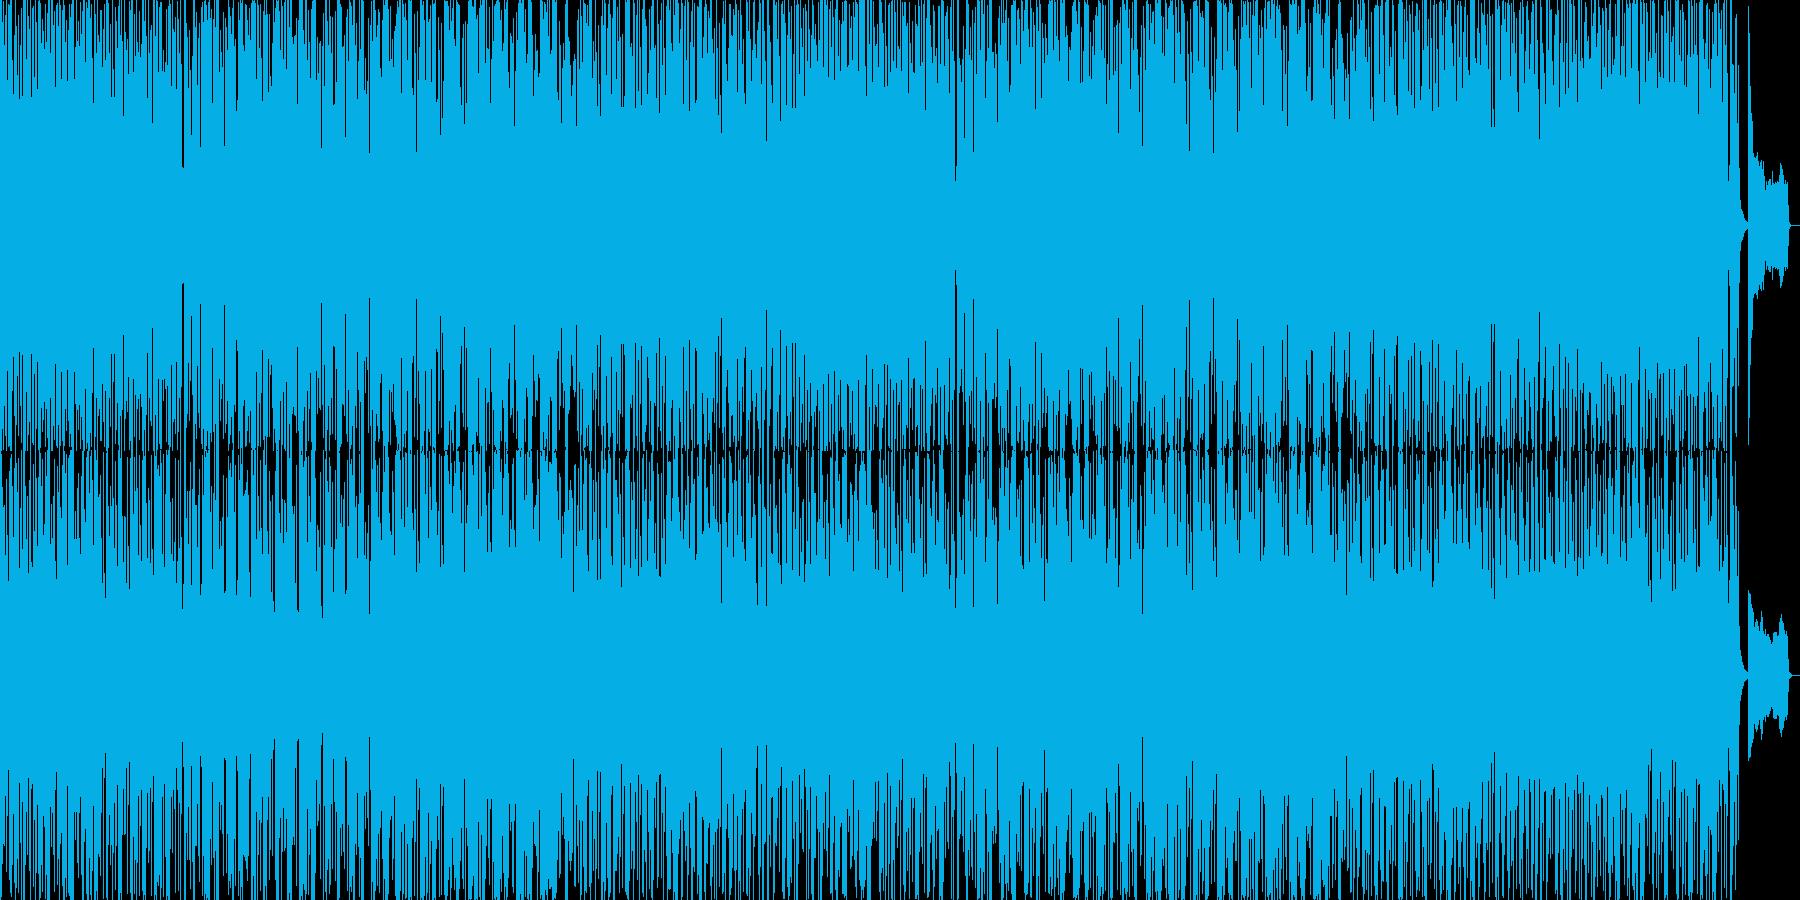 パーカッションが目立つで可愛いポップの再生済みの波形